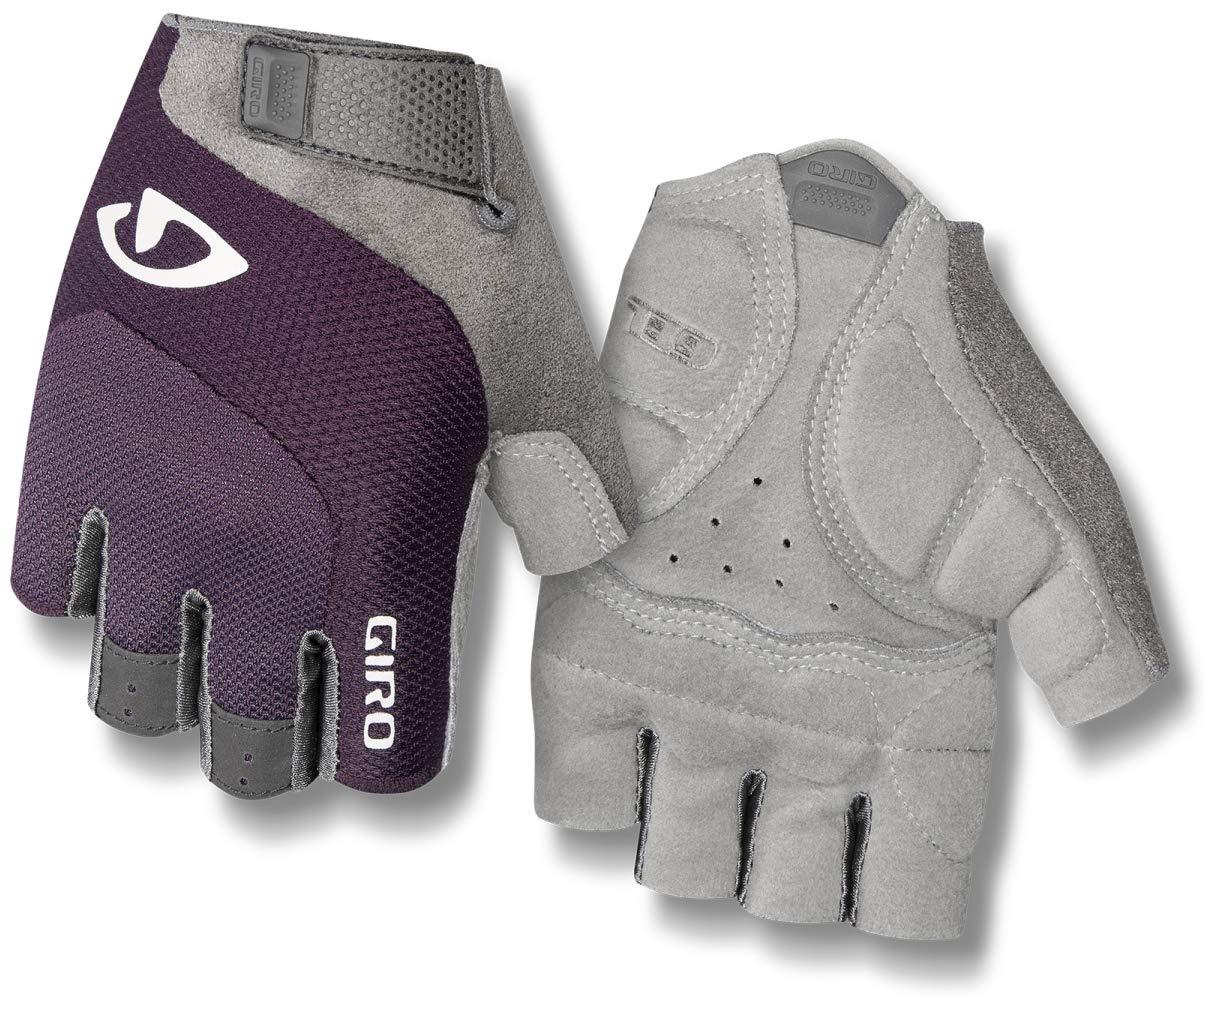 b68979b48 Giro Tessa Gel Cycling Glove - Women s